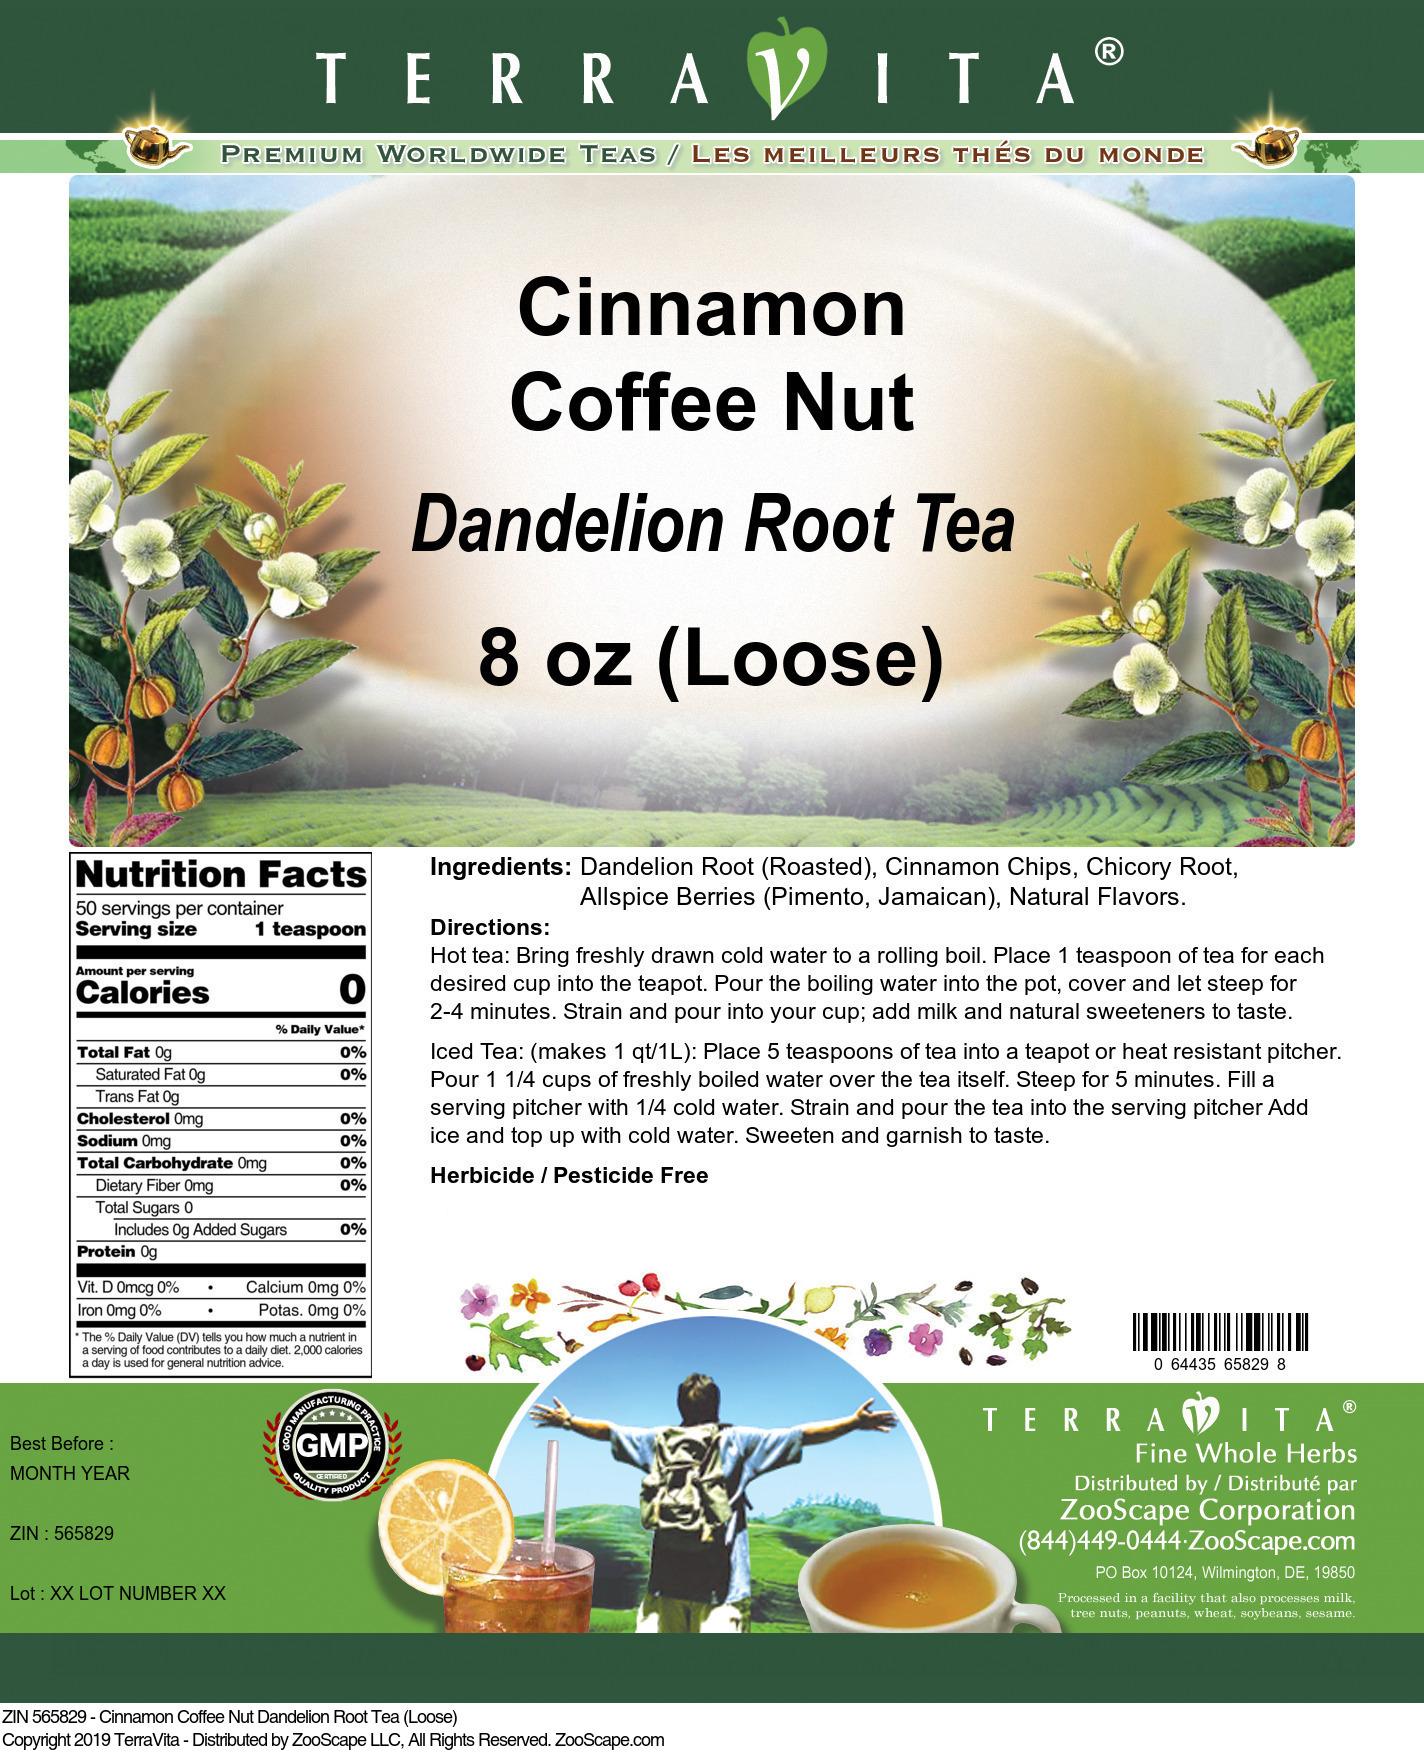 Cinnamon Coffee Nut Dandelion Root Tea (Loose)